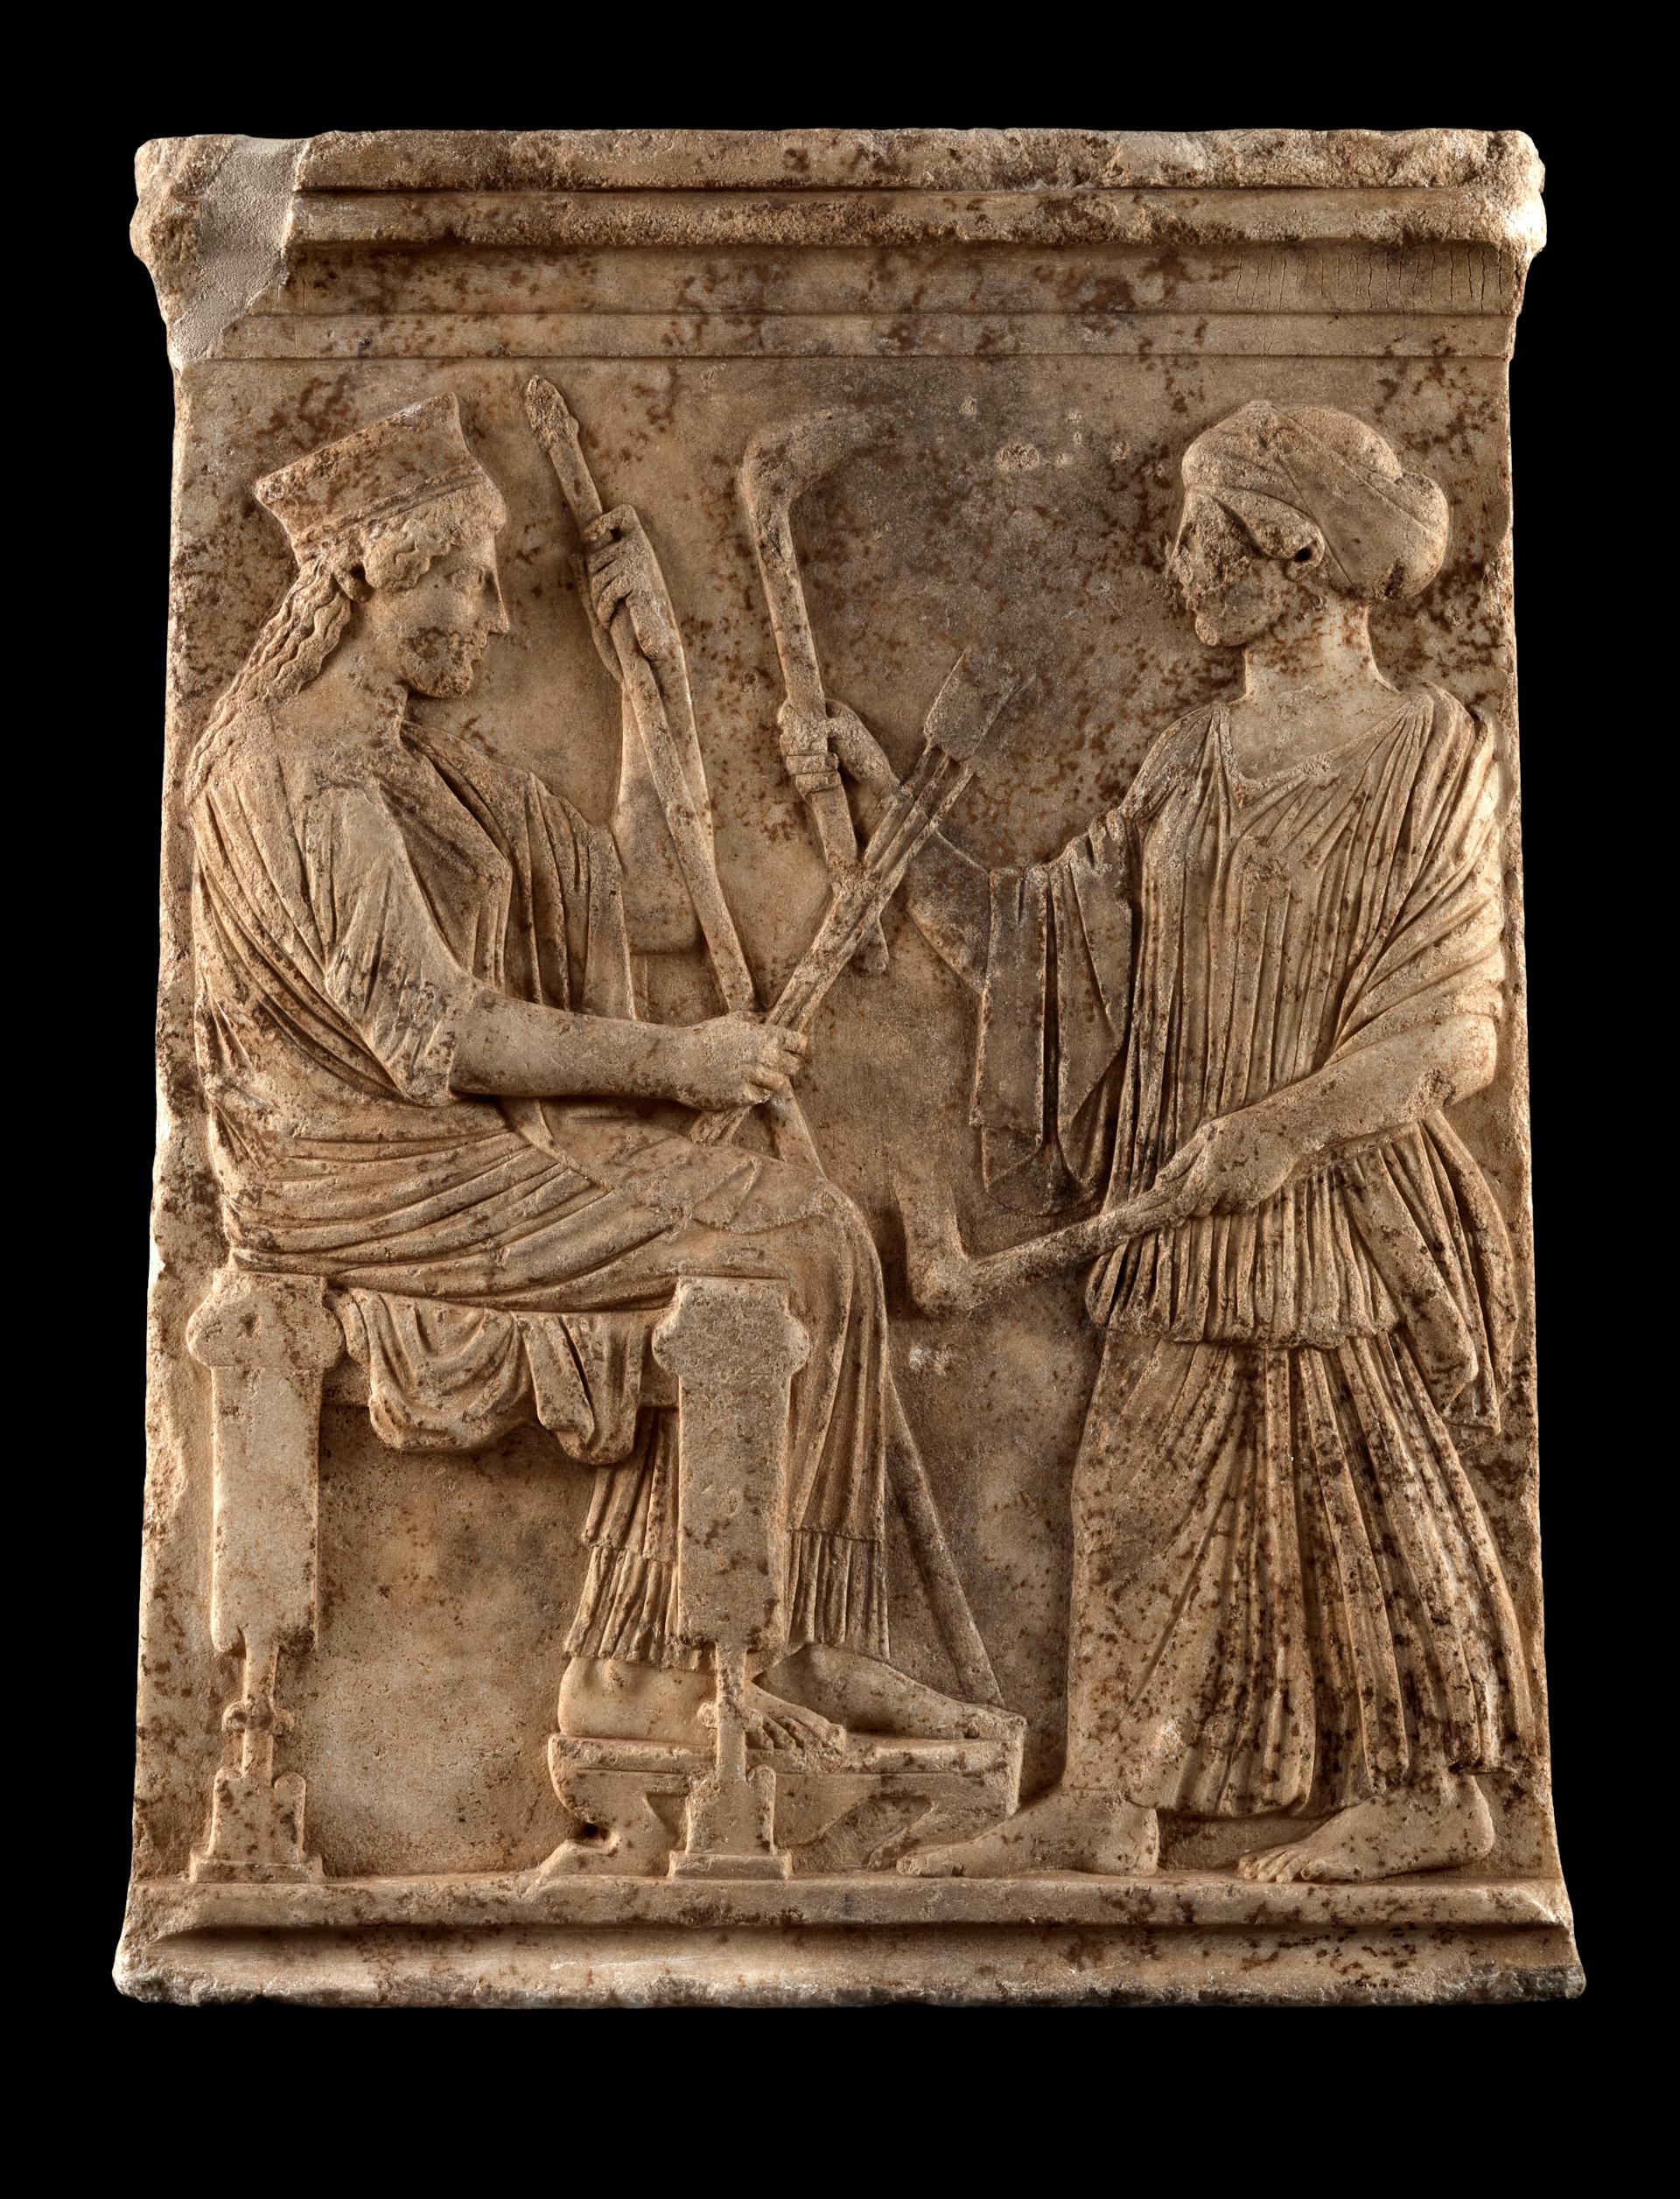 Ανάγλυφο με παράσταση Δήμητρας και Κόρης, 1ο μισό 5ου αιώνα π.Χ.